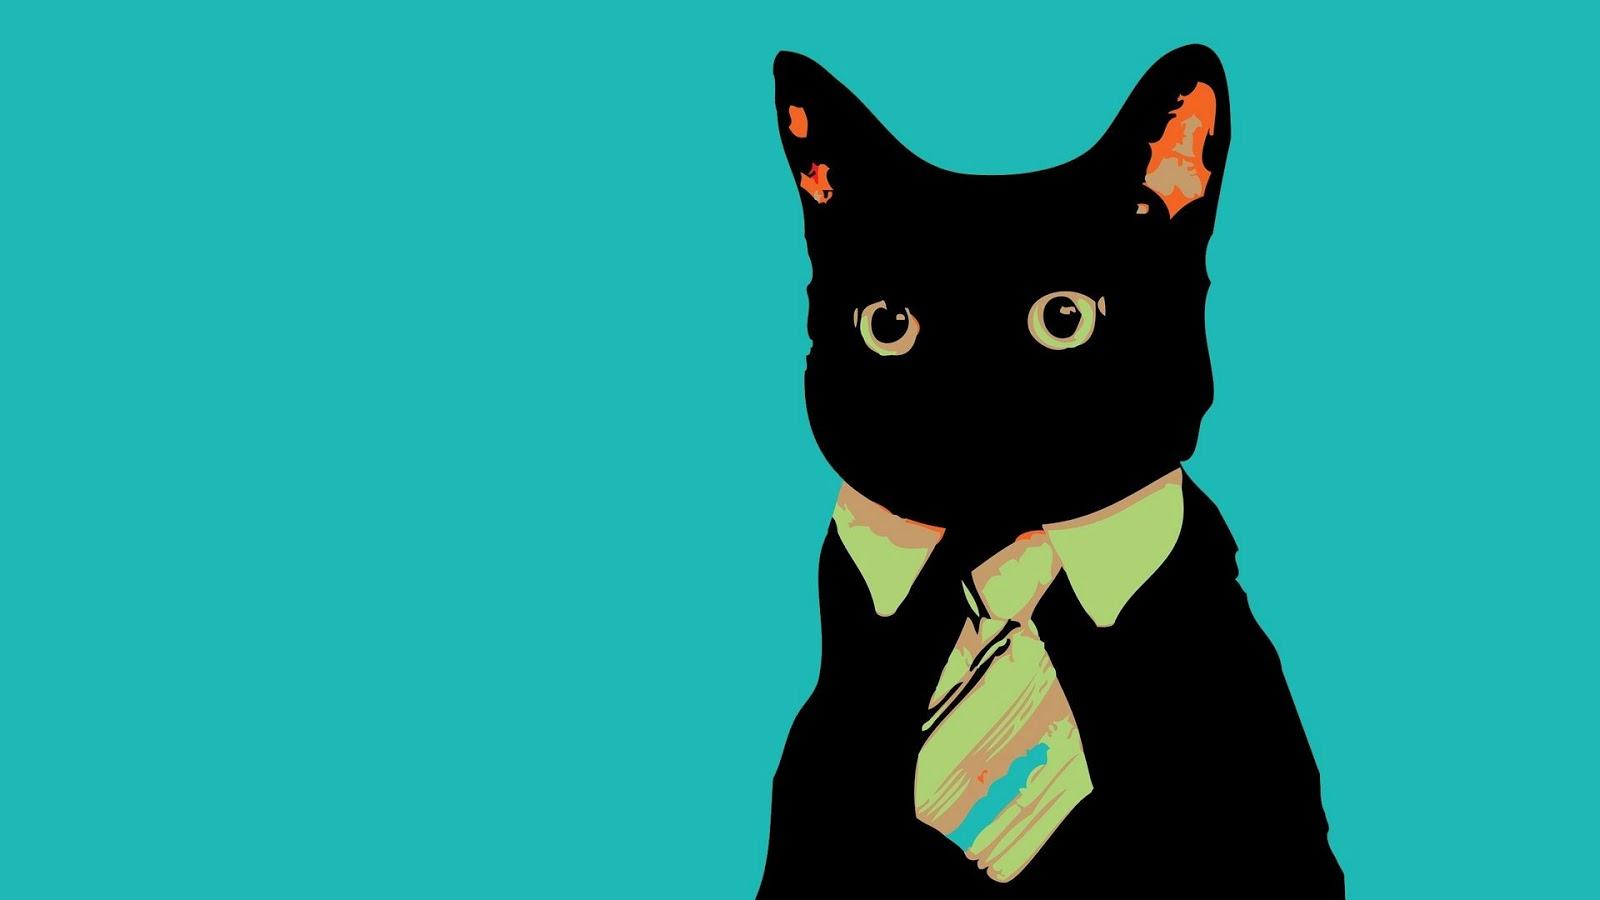 black cat art wallpaper